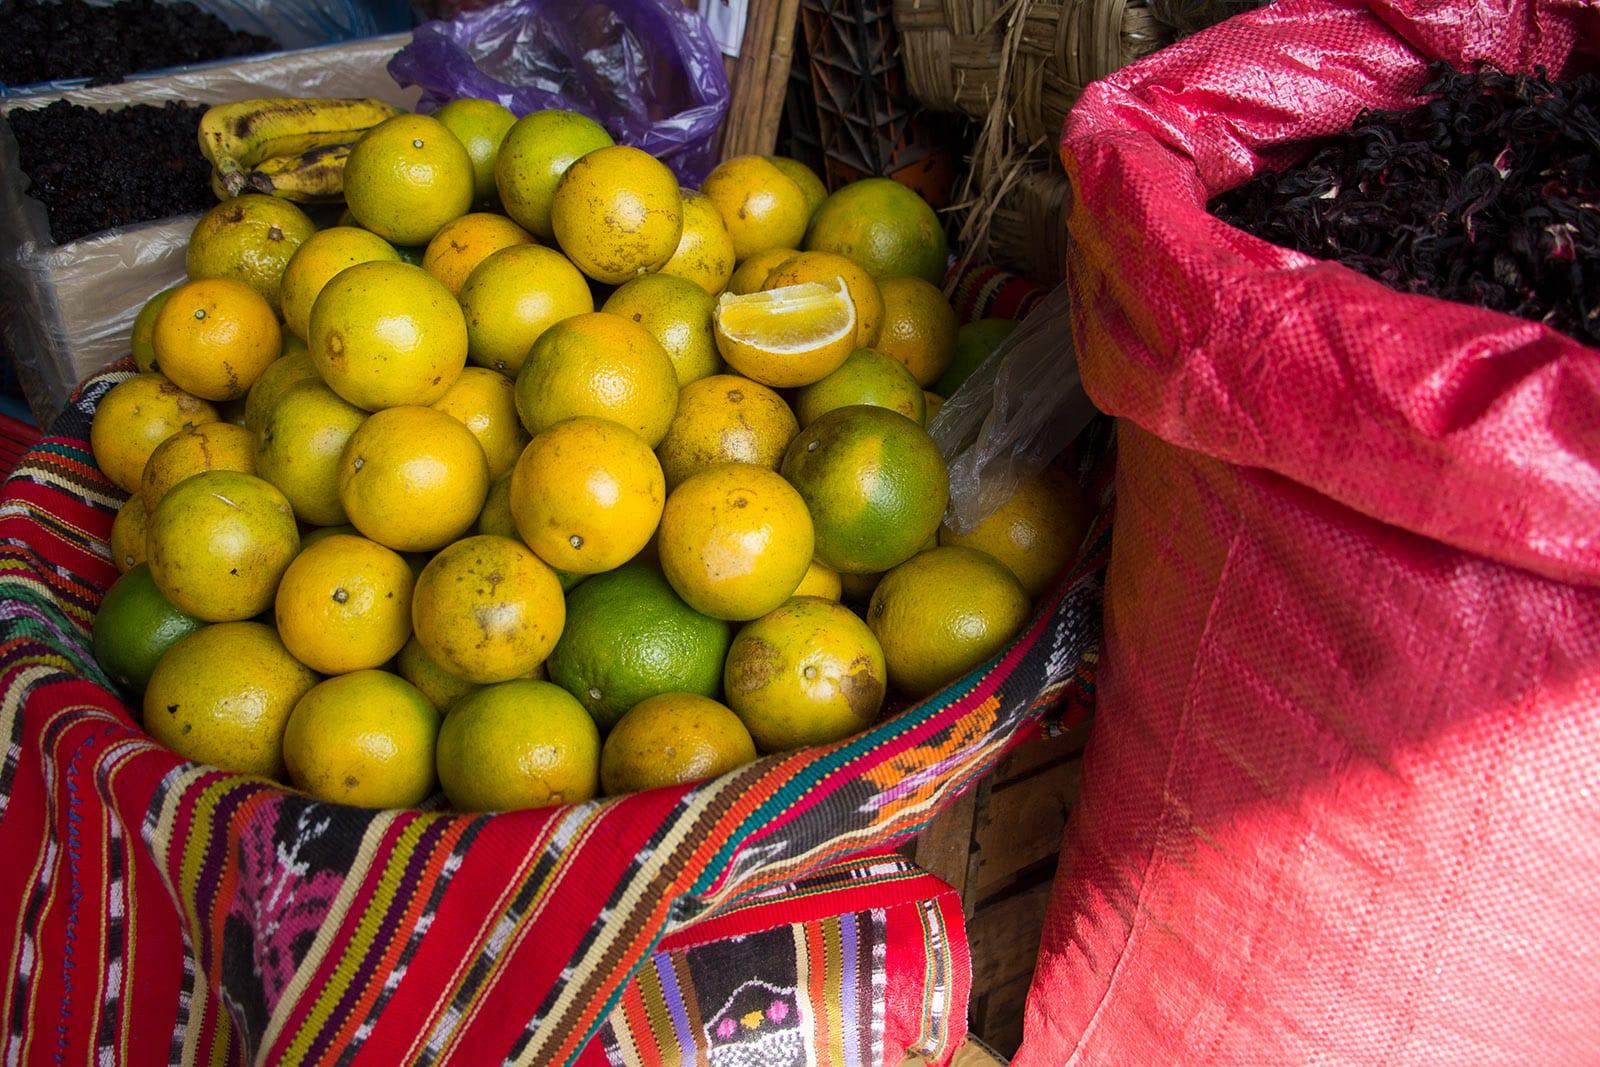 Mexikanische Küche – auf den Märkten gibt es viel frisches Obst